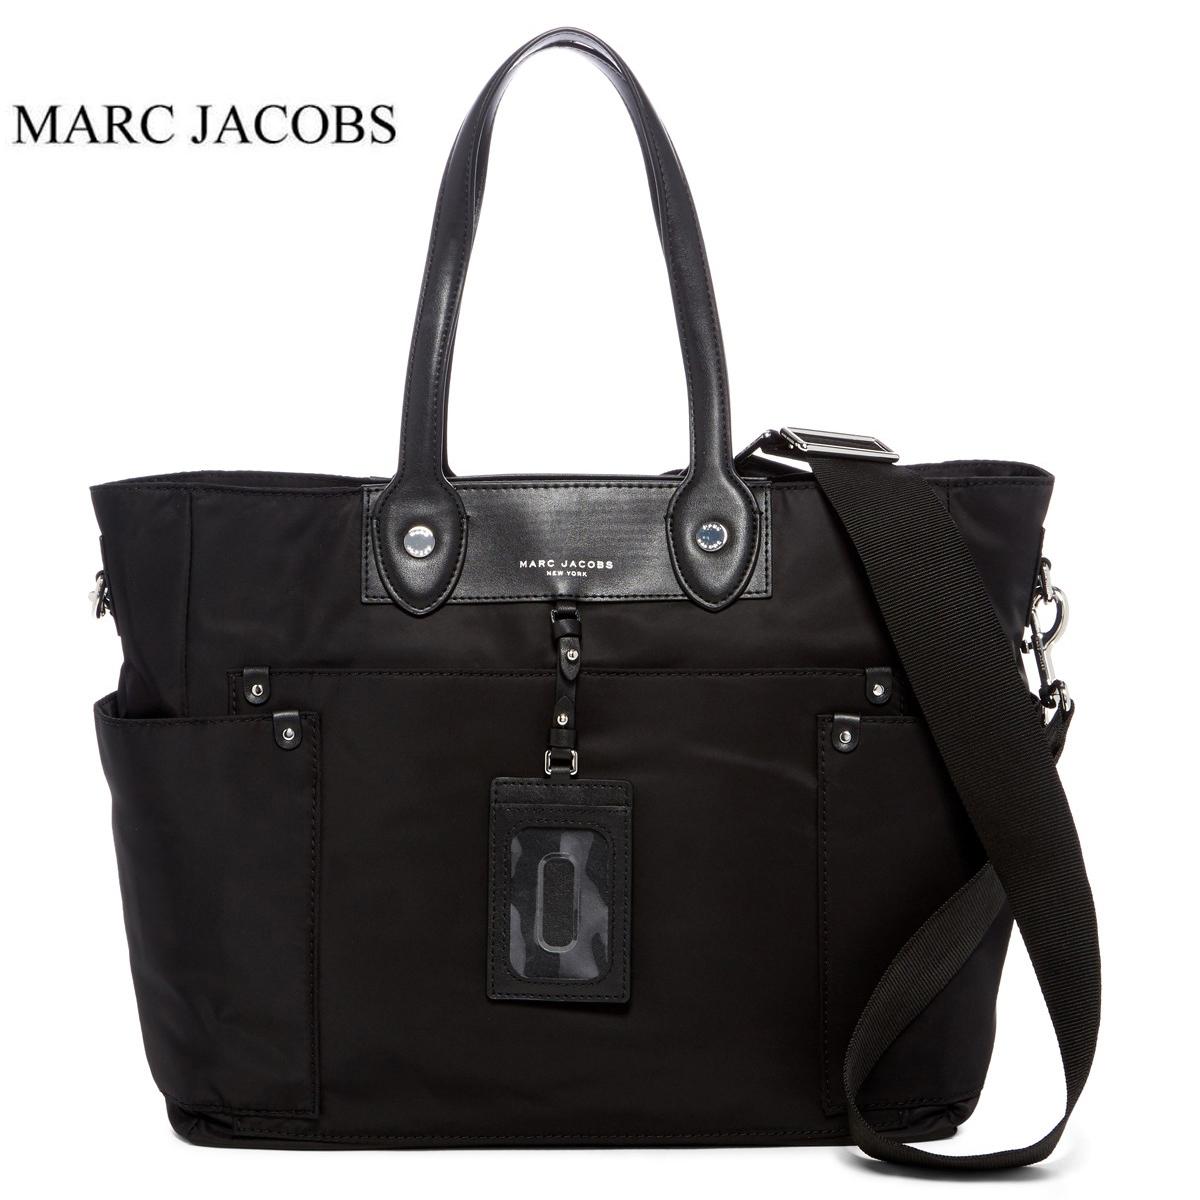 マークジェイコブス バッグ ナイロン 2way マザーズバッグ Marc Jacobs Preppy Nylon Eliz-A-Baby Bag